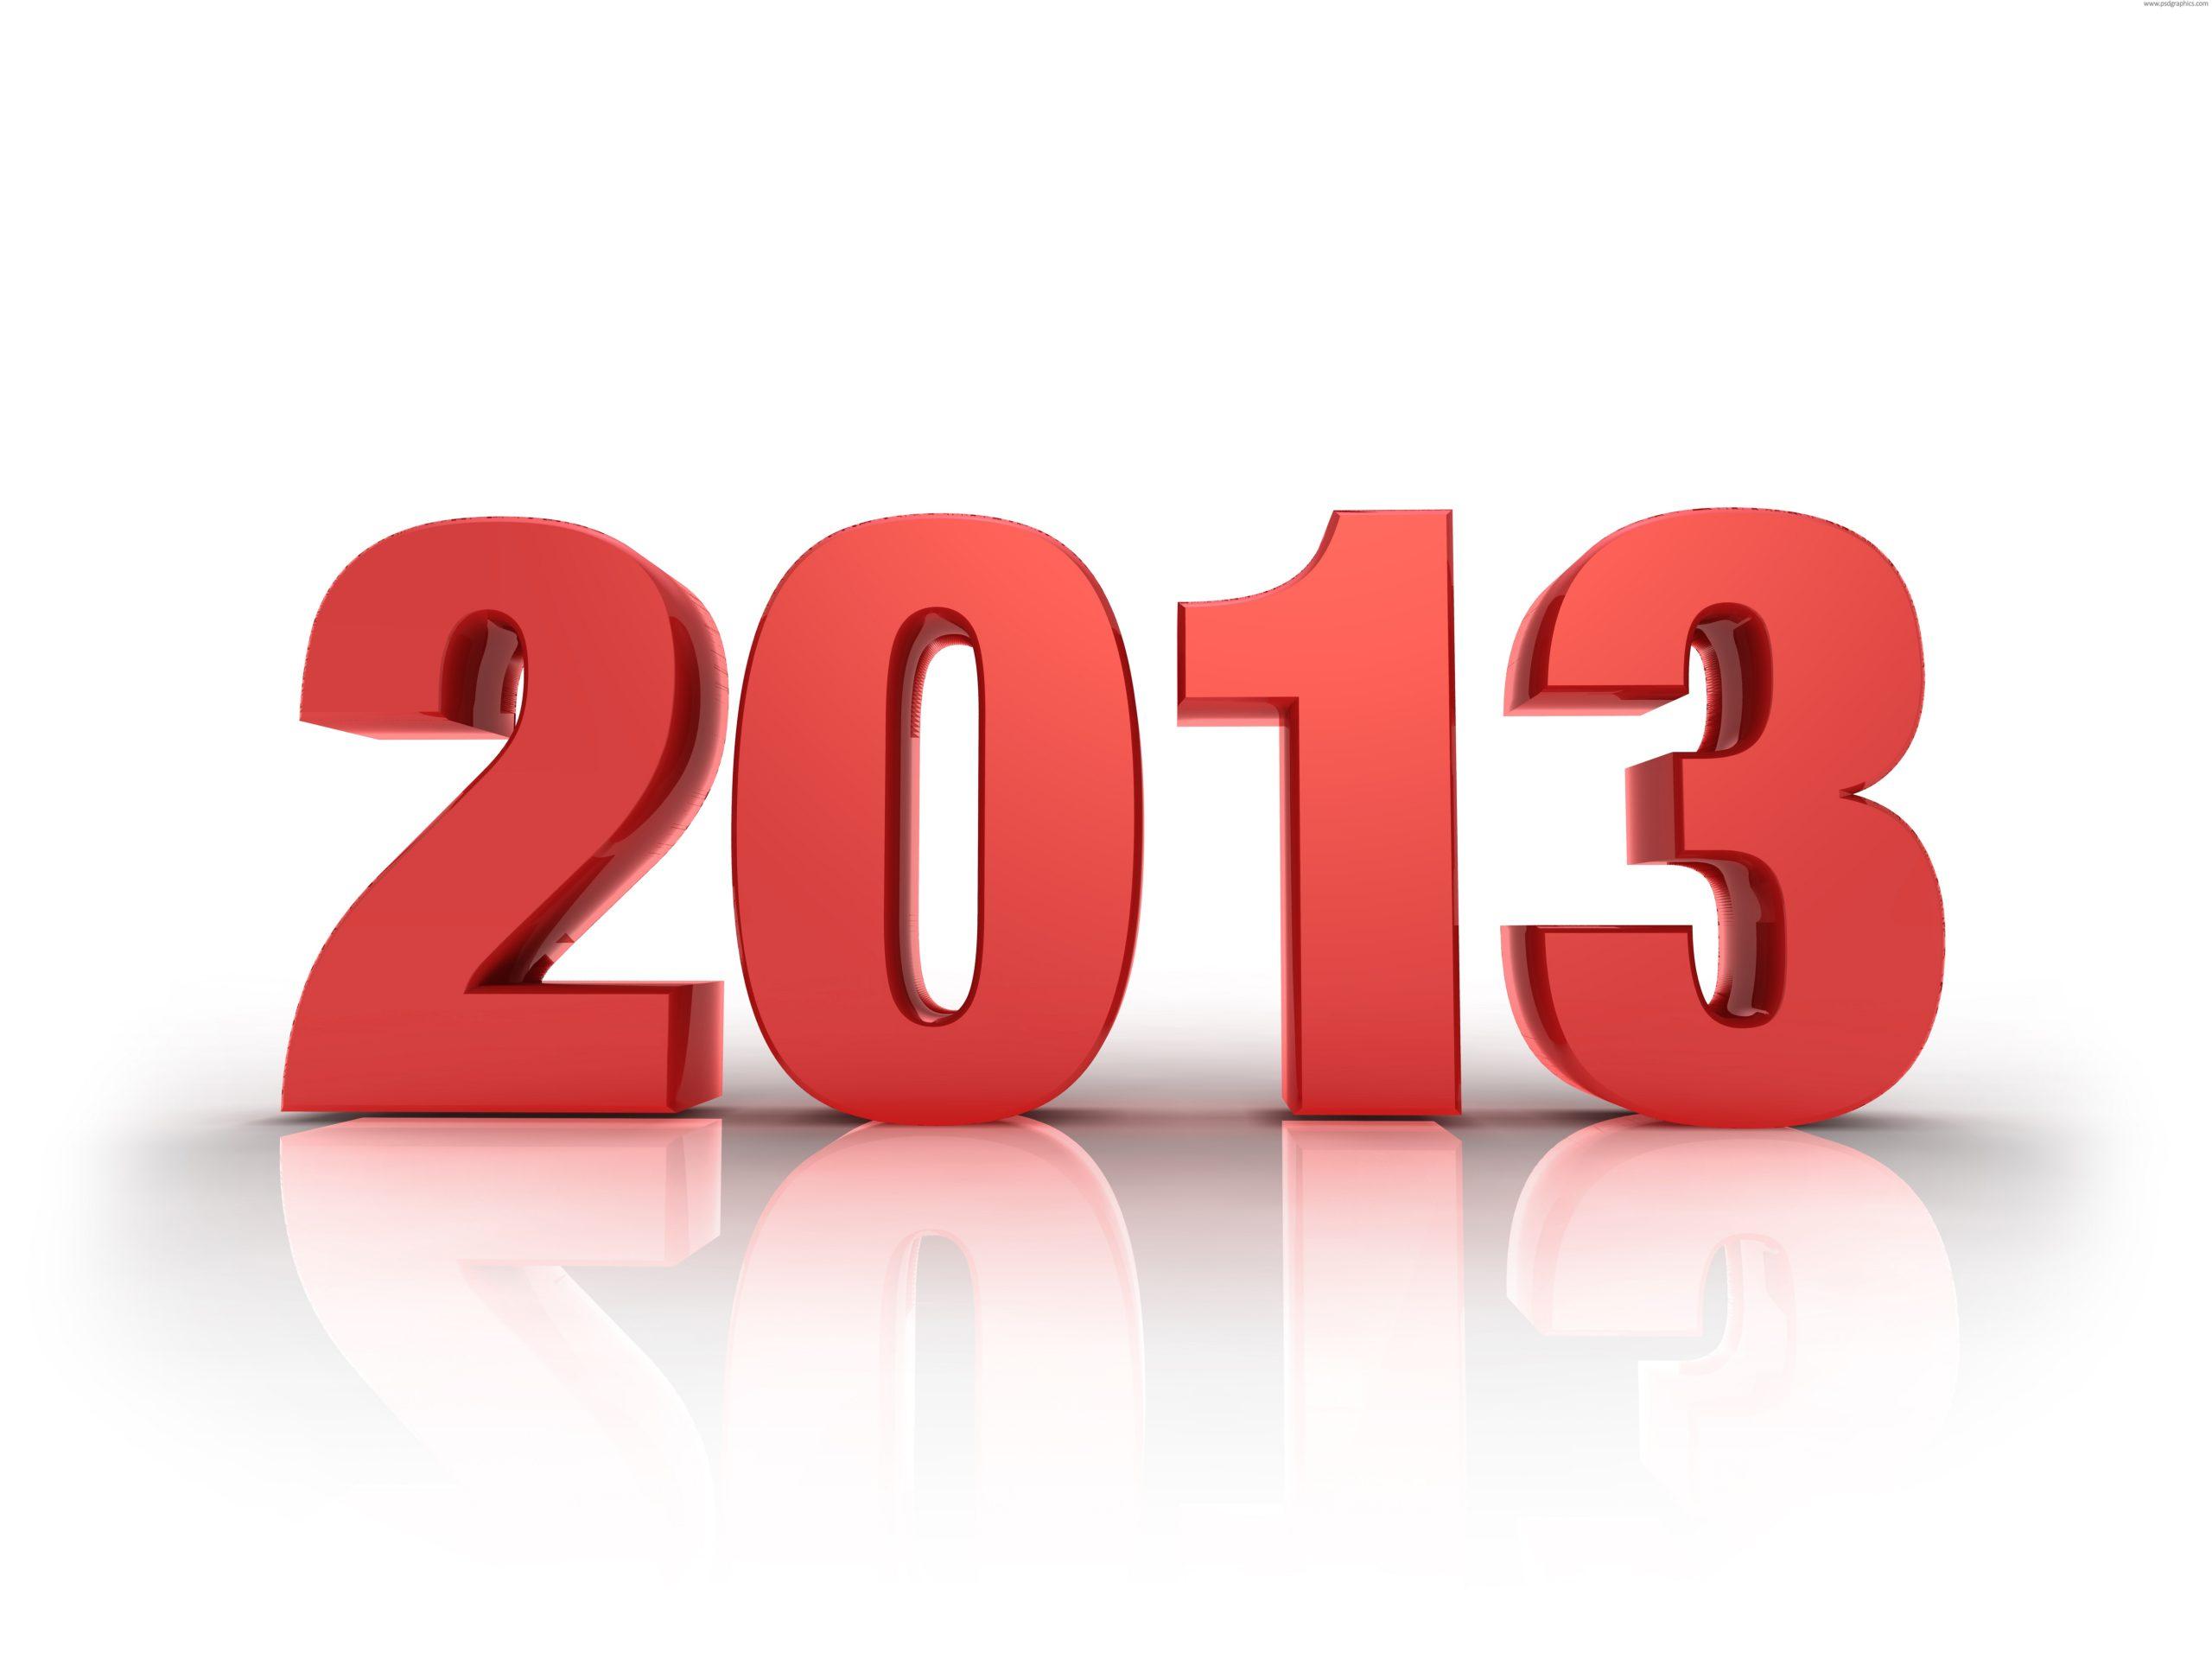 Psicosoft - Cómo despedir 2012 y prepararse para 2013